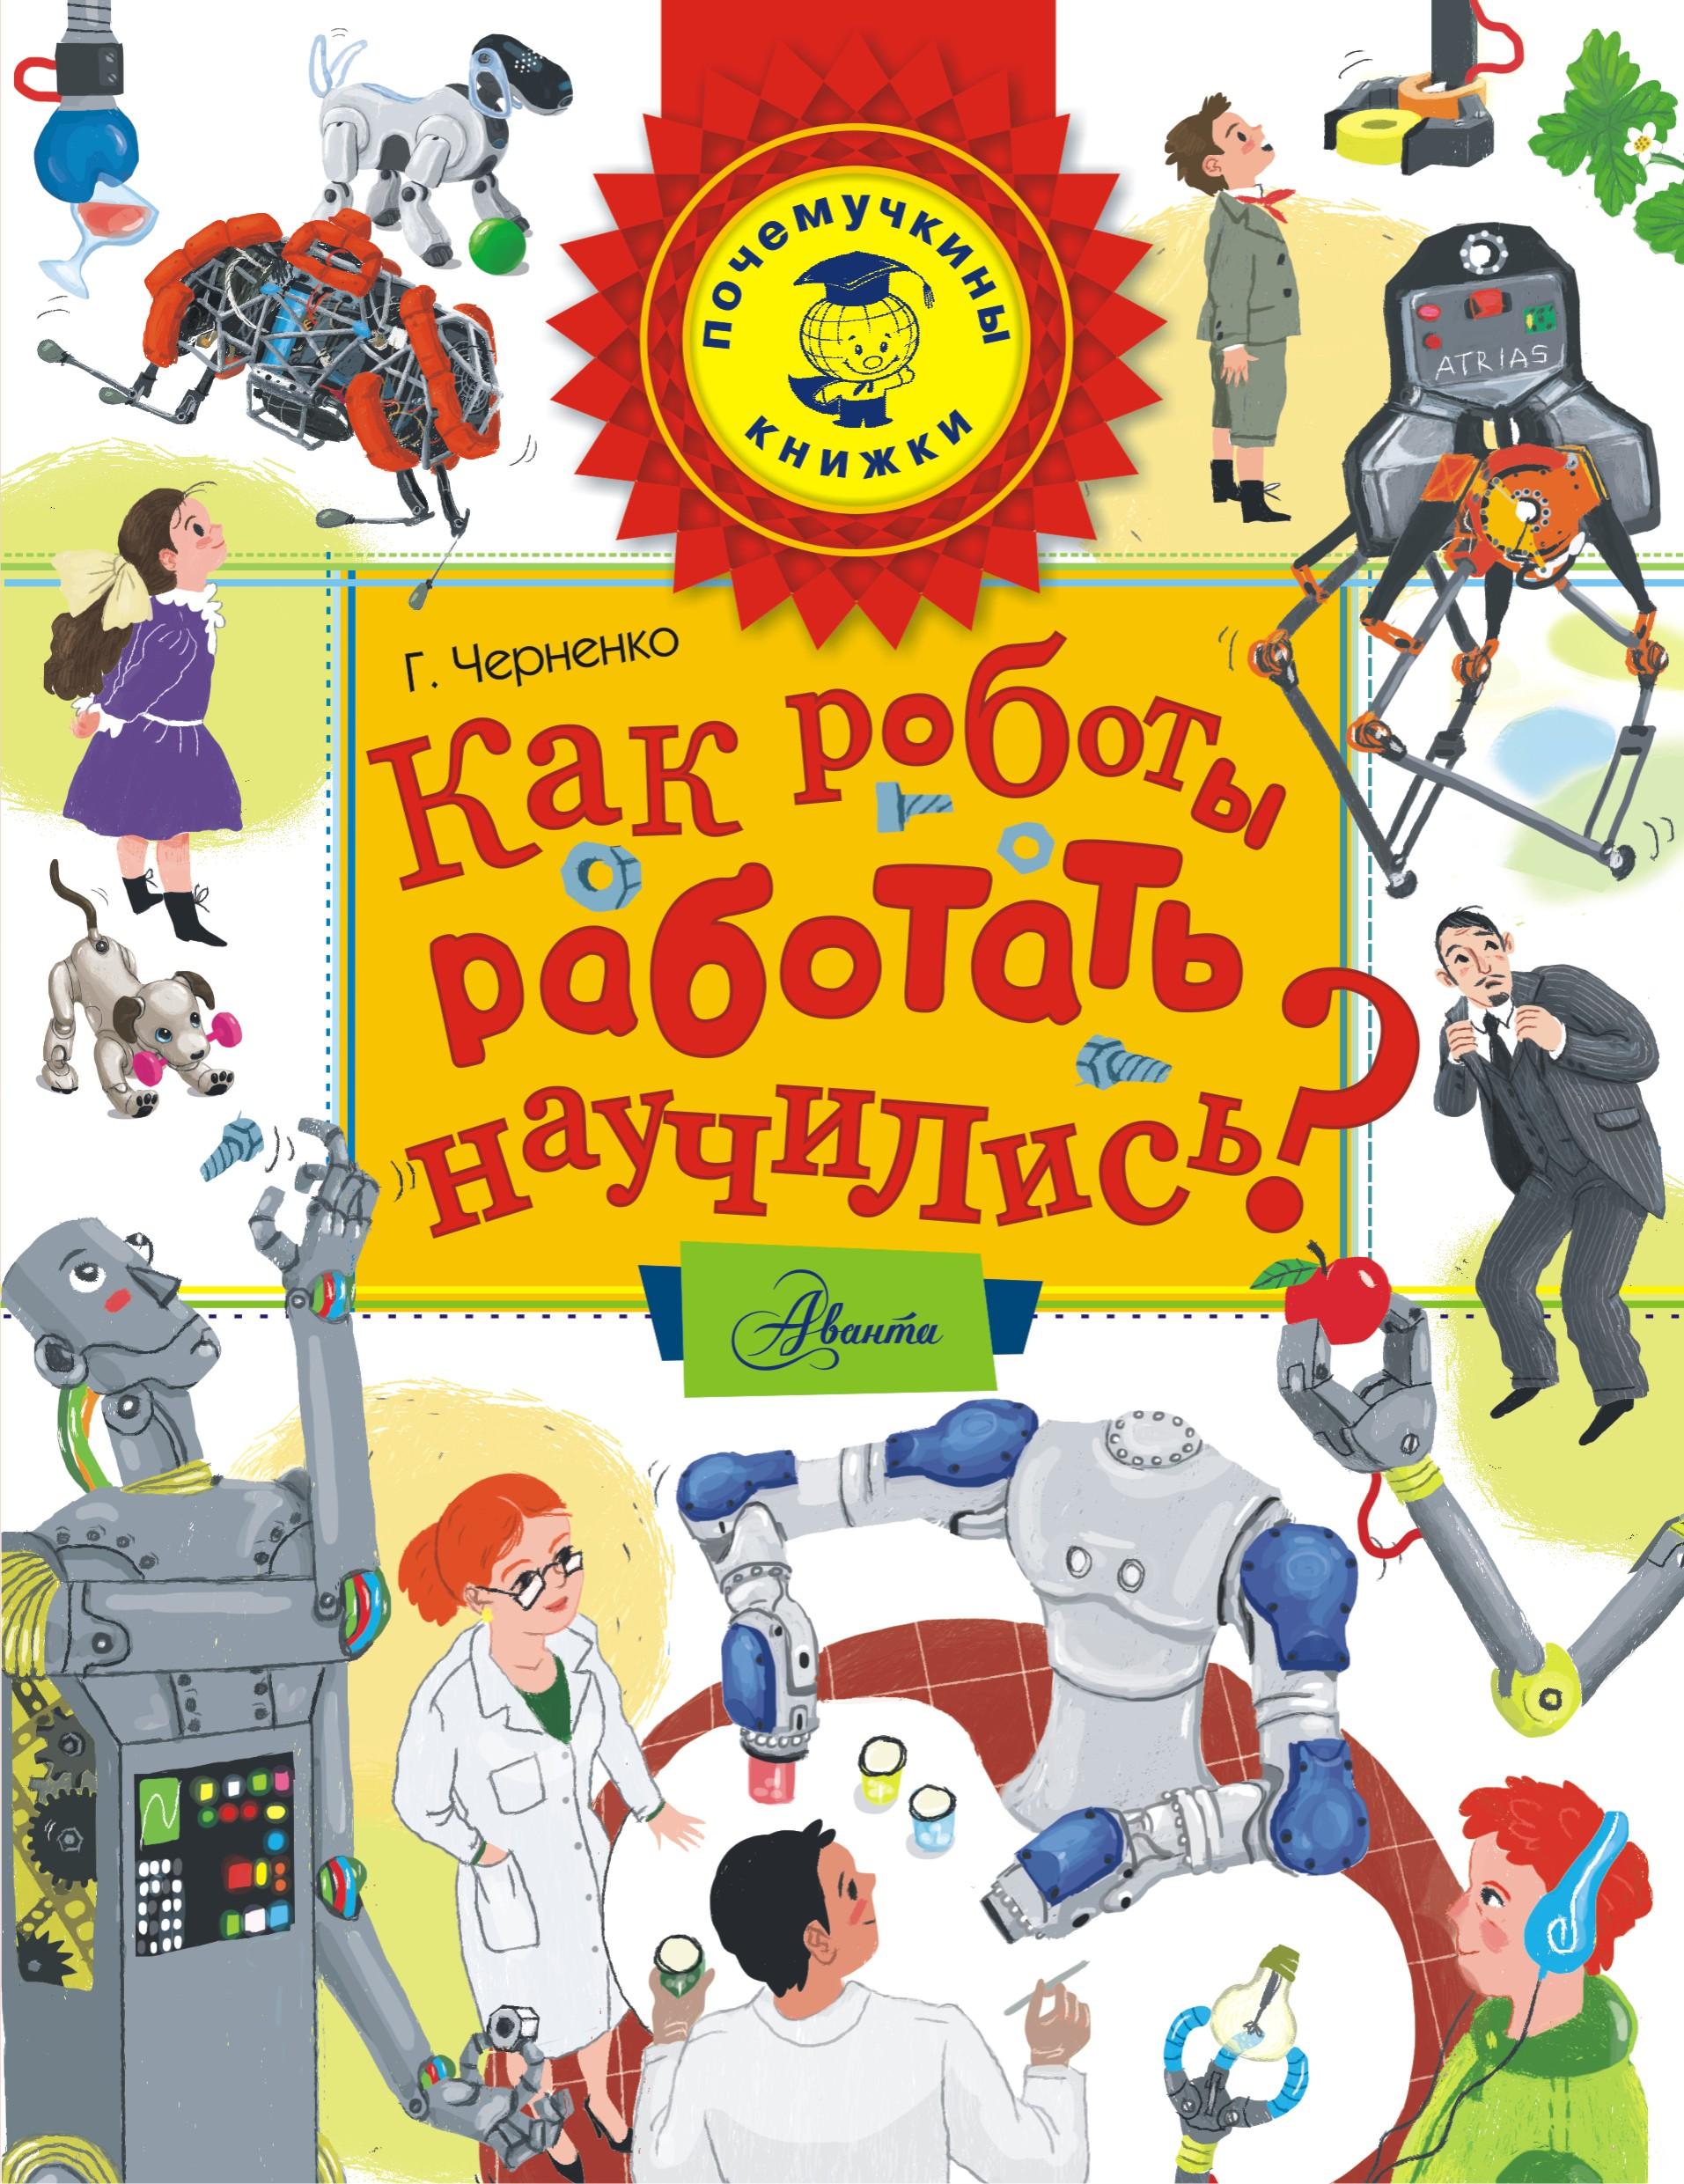 Как роботы работать научились?